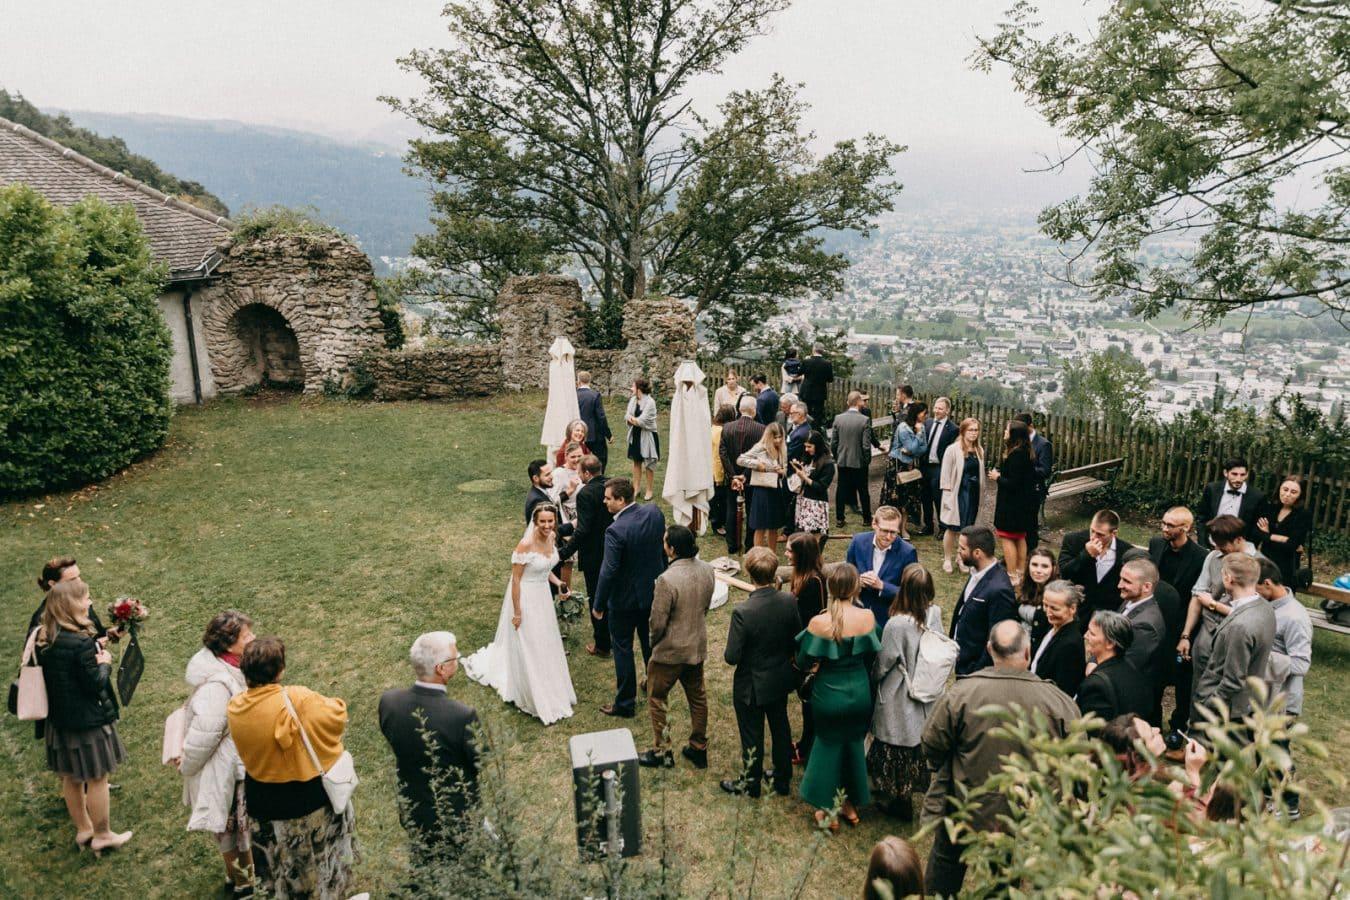 Hochzeitsfotografie Bregenz St. Gebhardsberg Hochzeitsgesellschaft